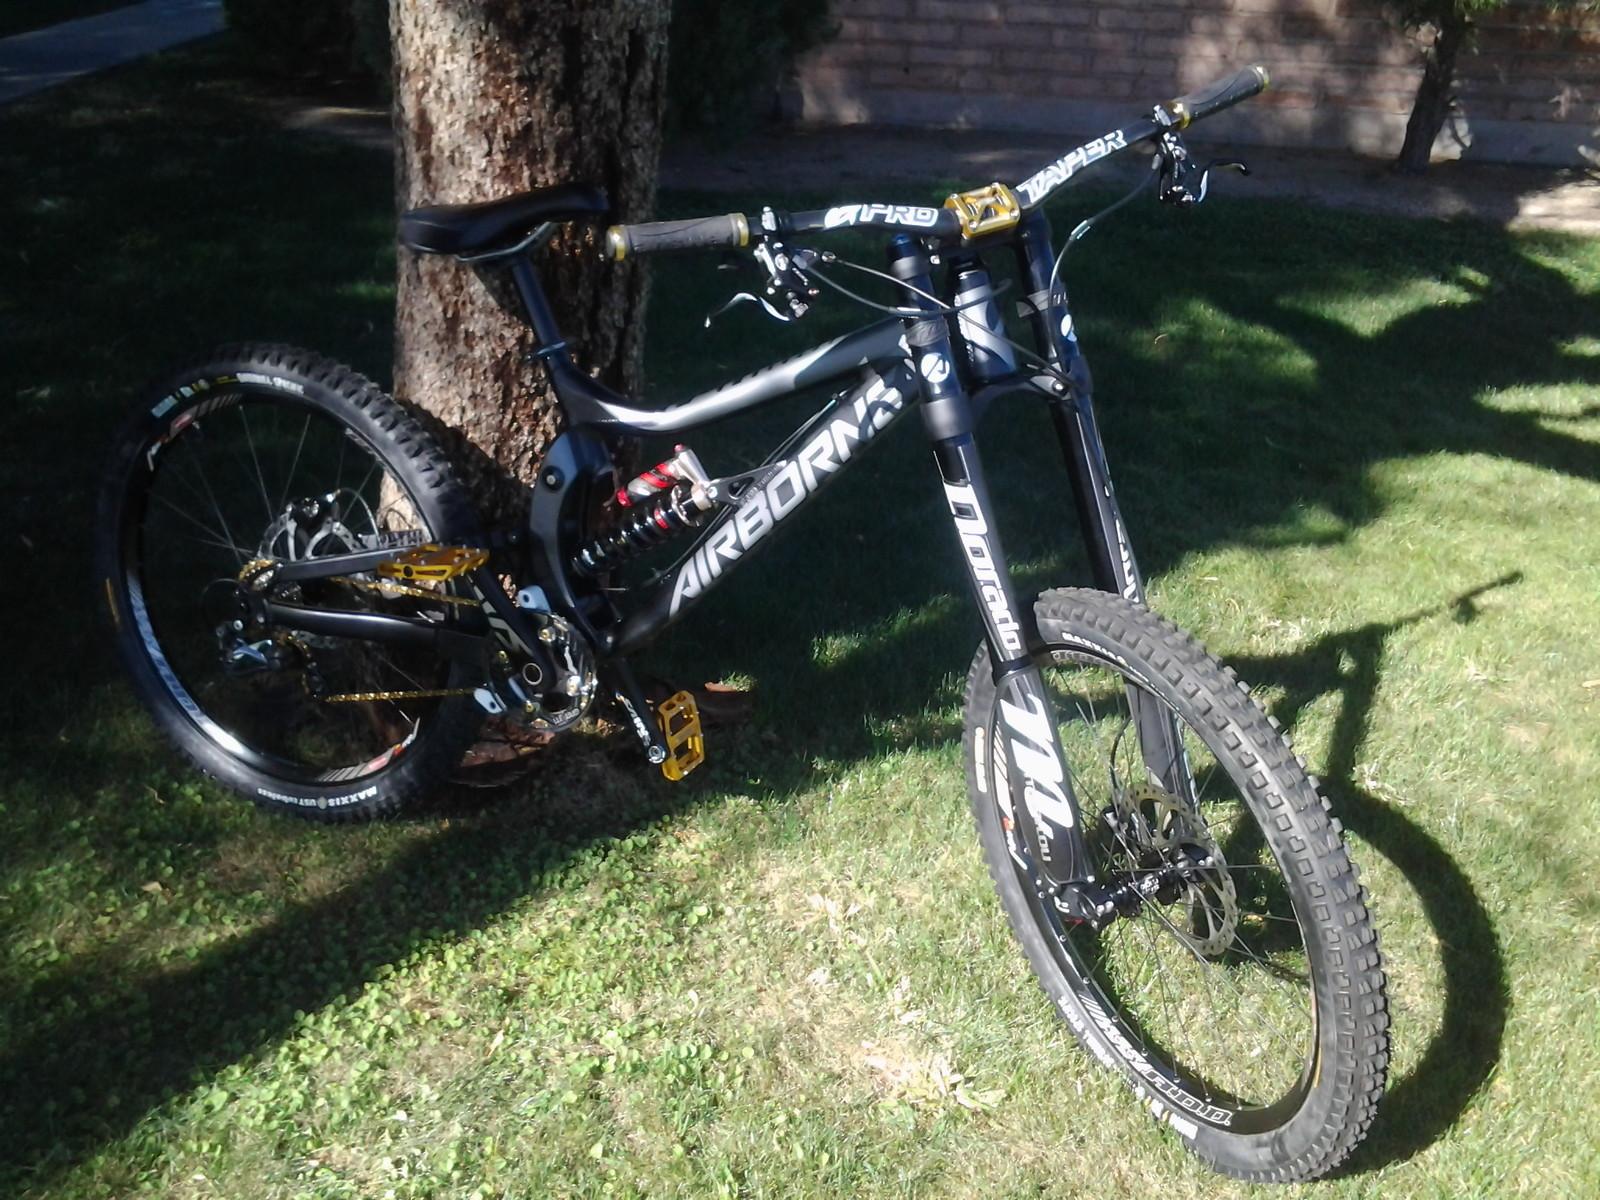 Airborne Bicycles Pathogen Hayesed Custom Build - JordanJoker10 - Mountain Biking Pictures - Vital MTB